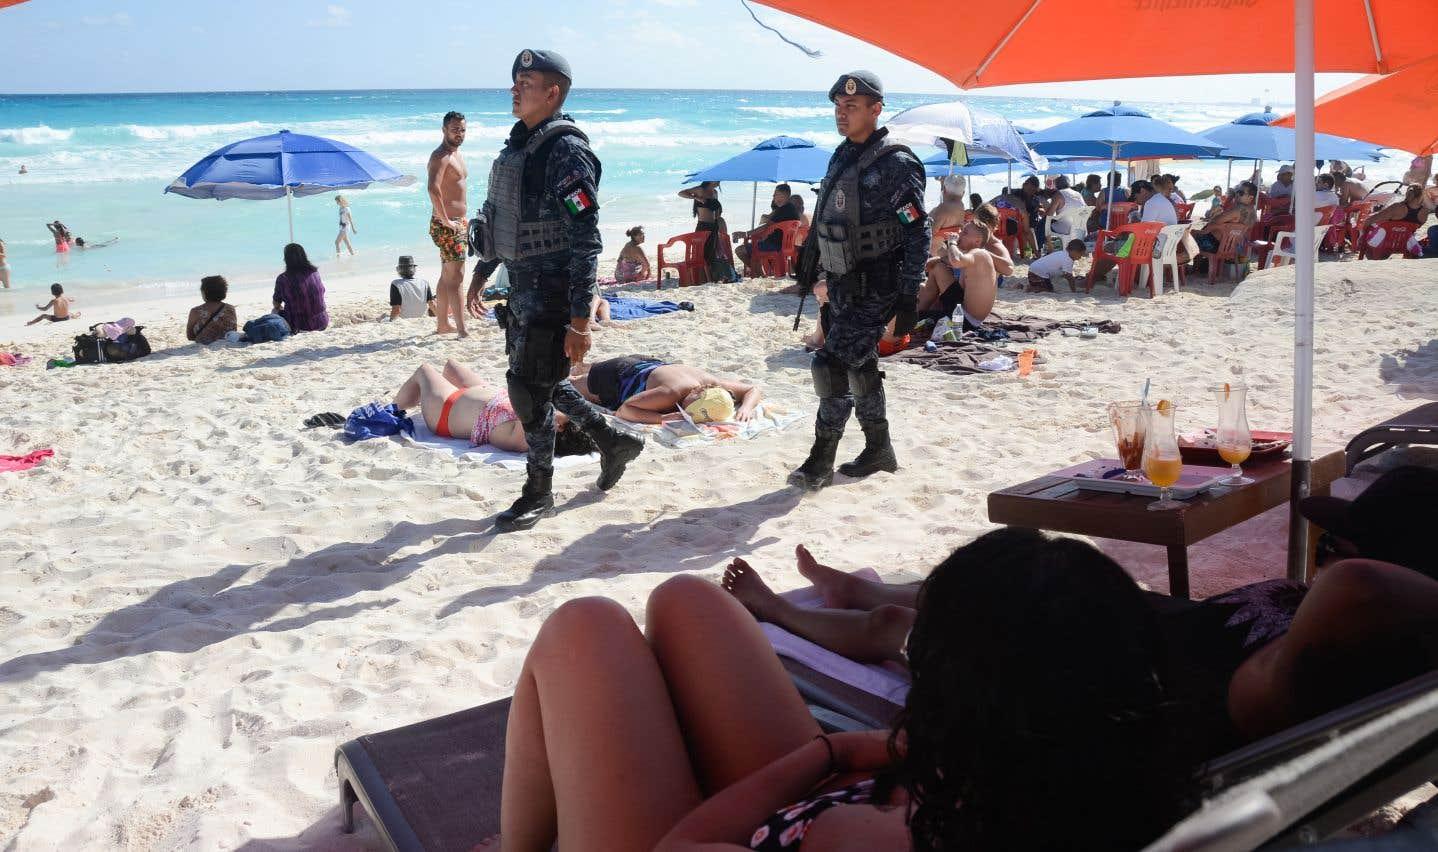 Patrouille de police sur la plage de Cancún. Les violences liées aux affrontements en cartels se sont fortement accrues l'an dernier.